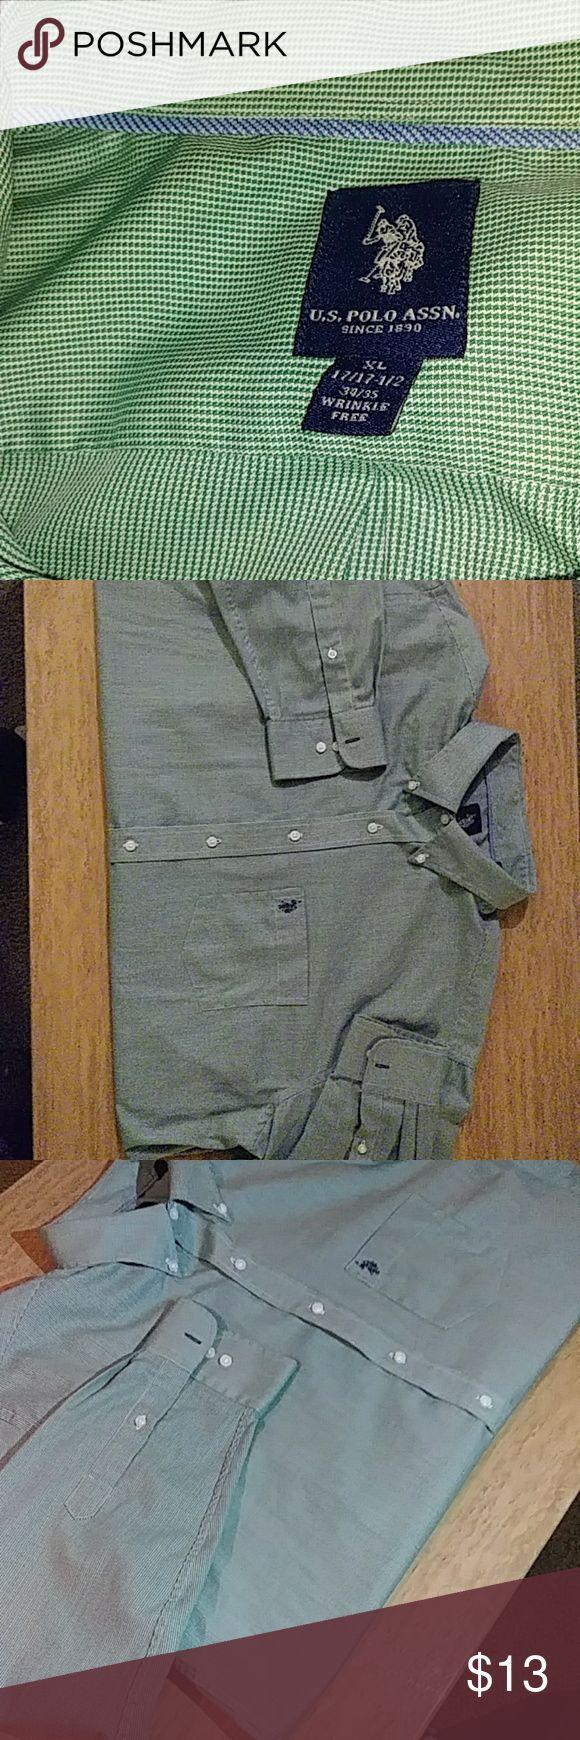 Us polo dress shirt Green checker design dress shirt U.S. Polo Assn. Shirts Dress Shirts